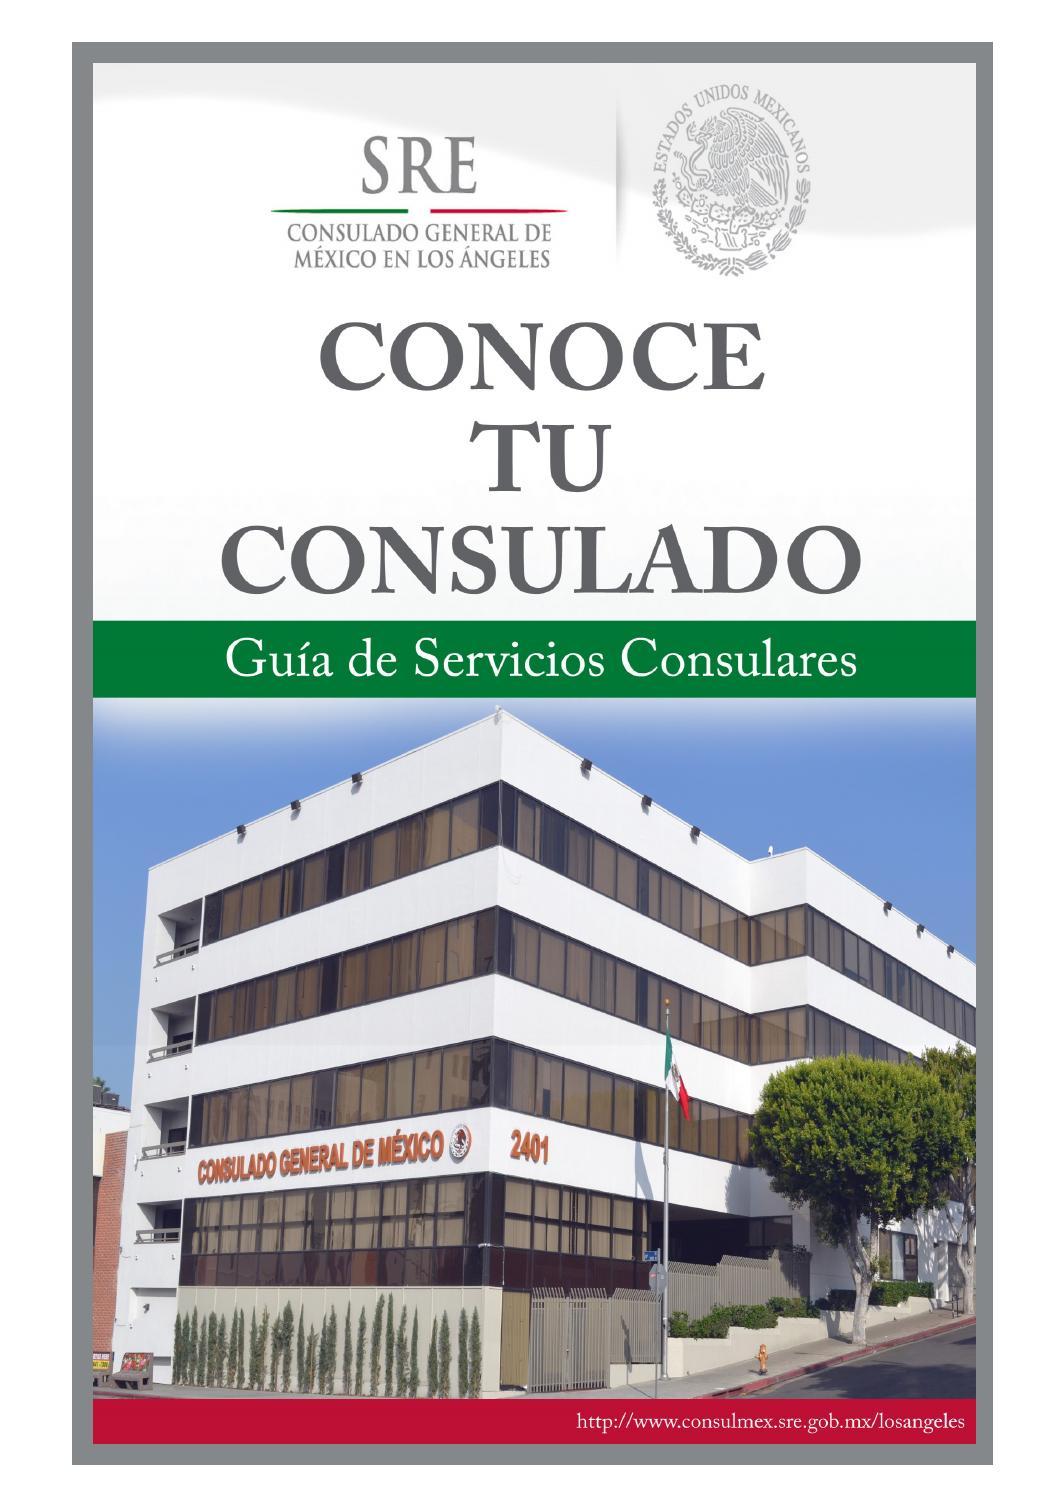 Guía Conoce Tu Consulado 2013 by Consulmex LA - issuu